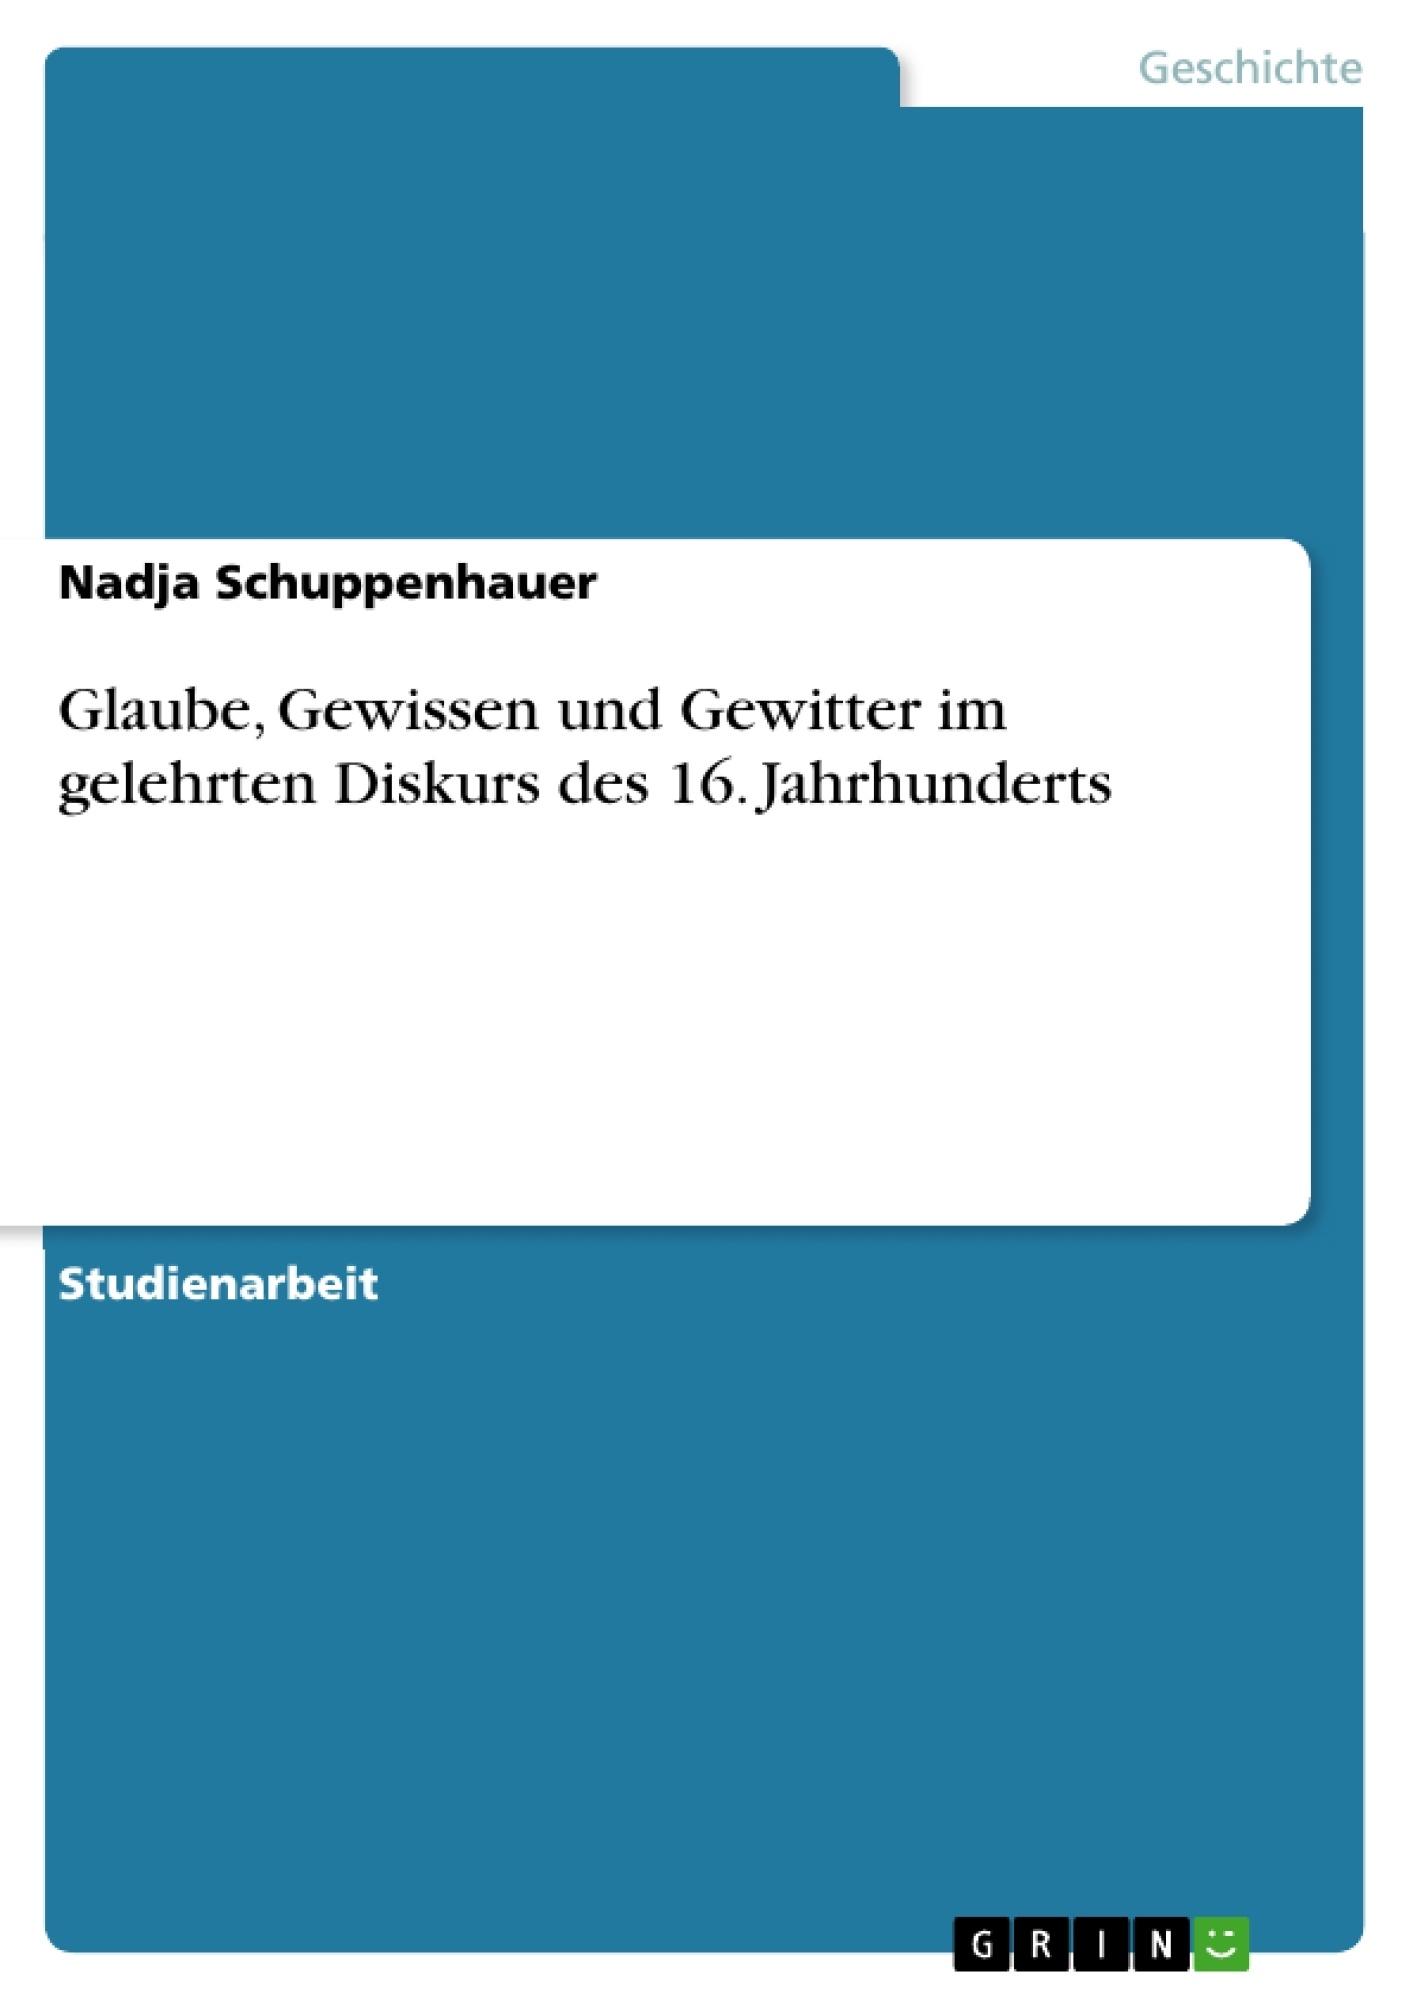 Titel: Glaube, Gewissen und Gewitter im gelehrten Diskurs des 16. Jahrhunderts